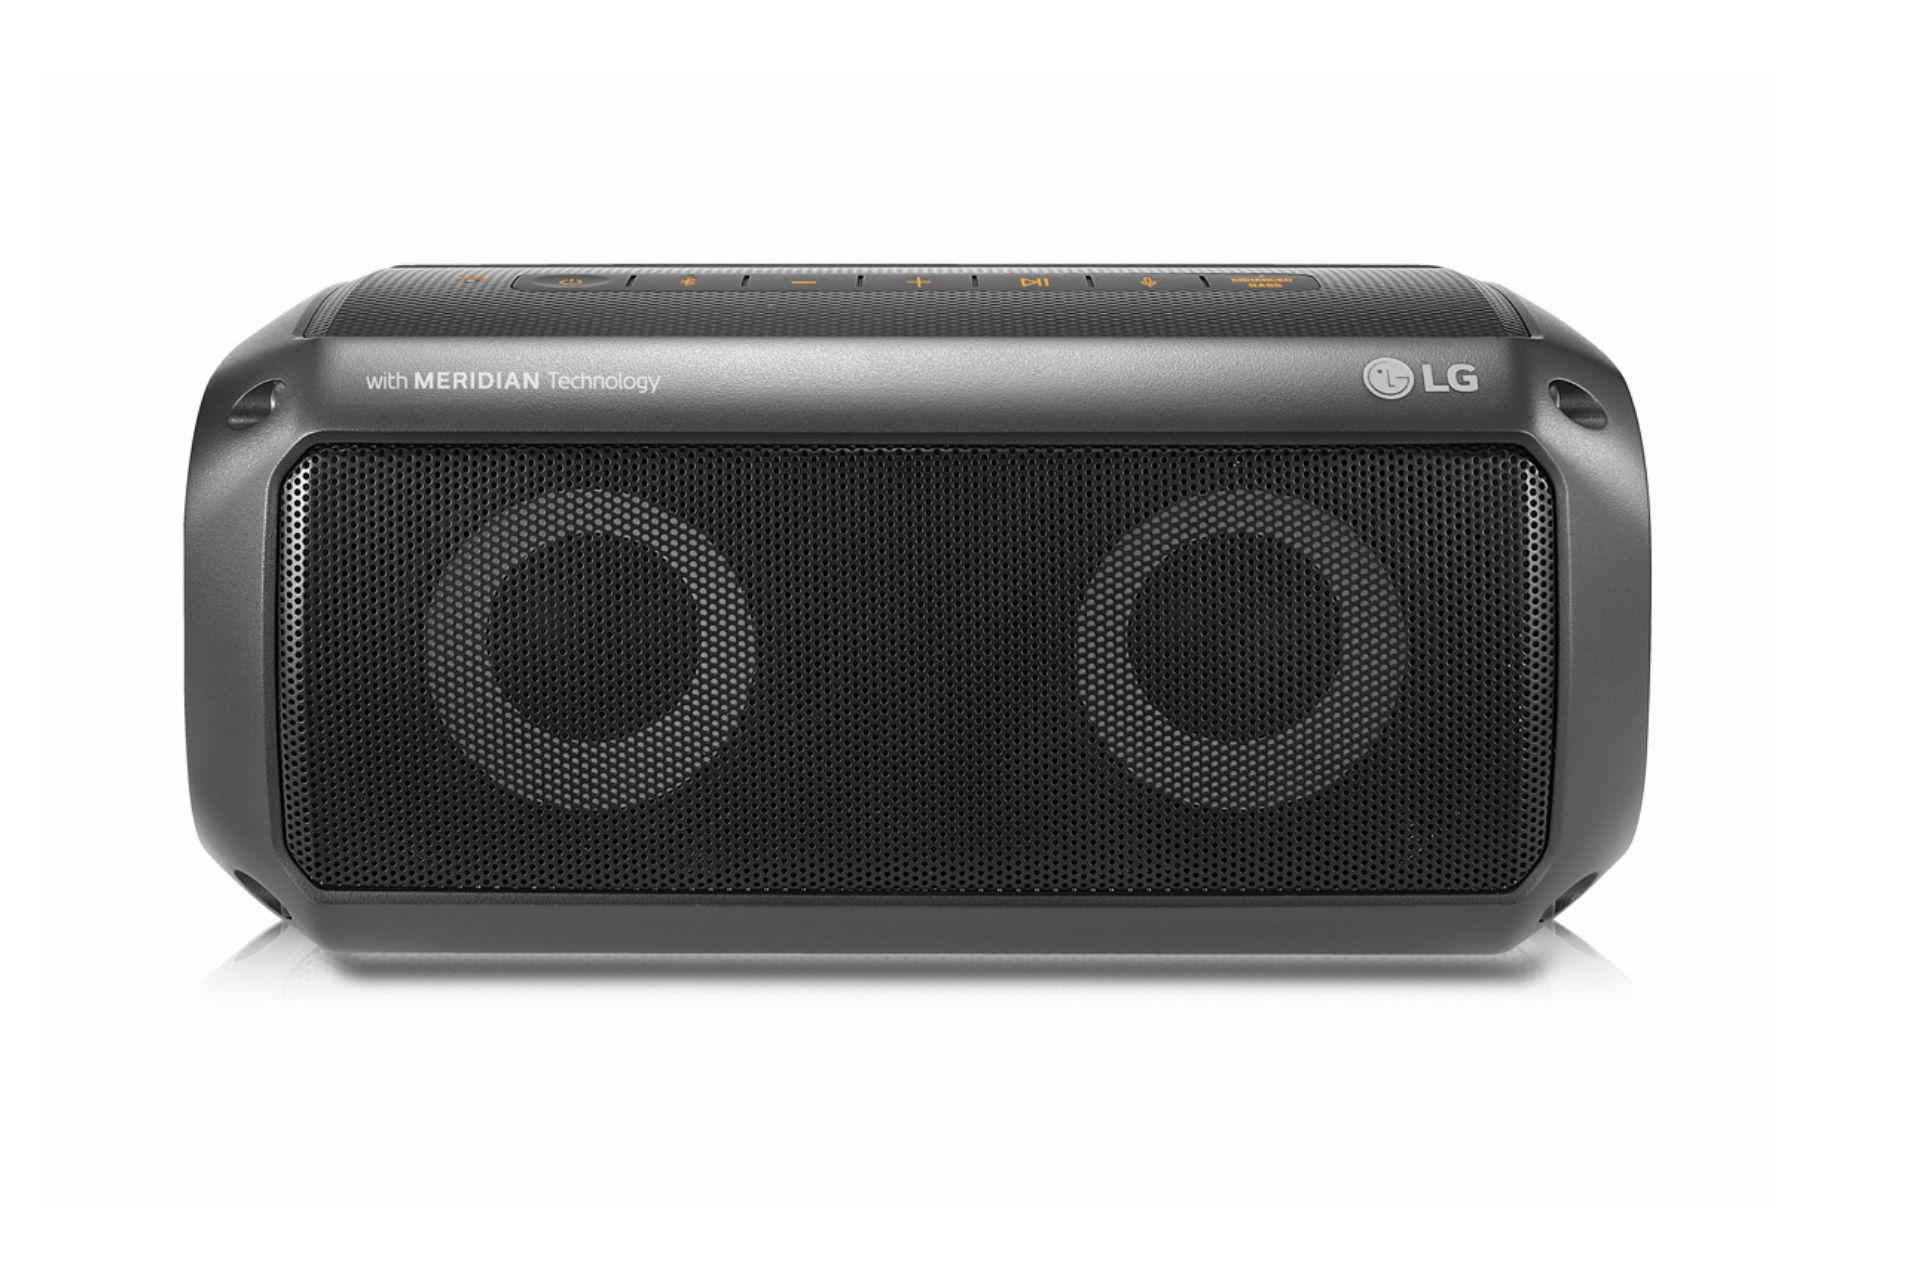 LG PK3 portable, waterproof speaker